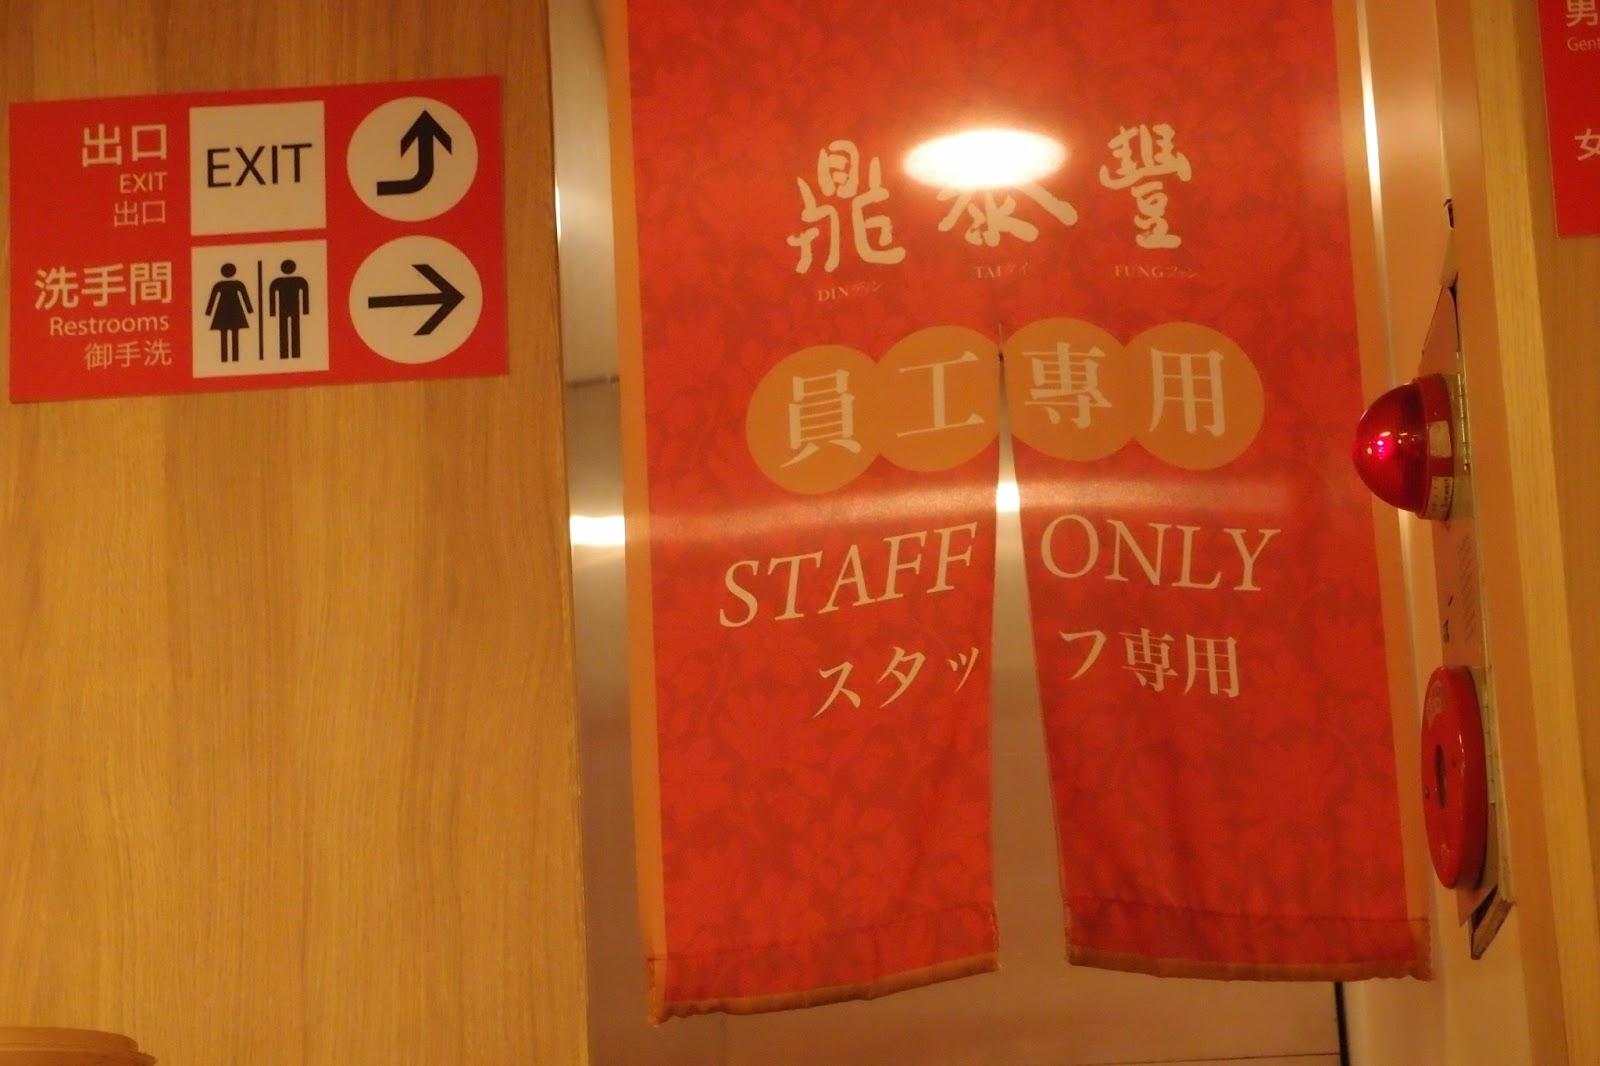 初到臺北: 第二天,故宮博物館,鼎泰豐,臺北101大廈,西門町